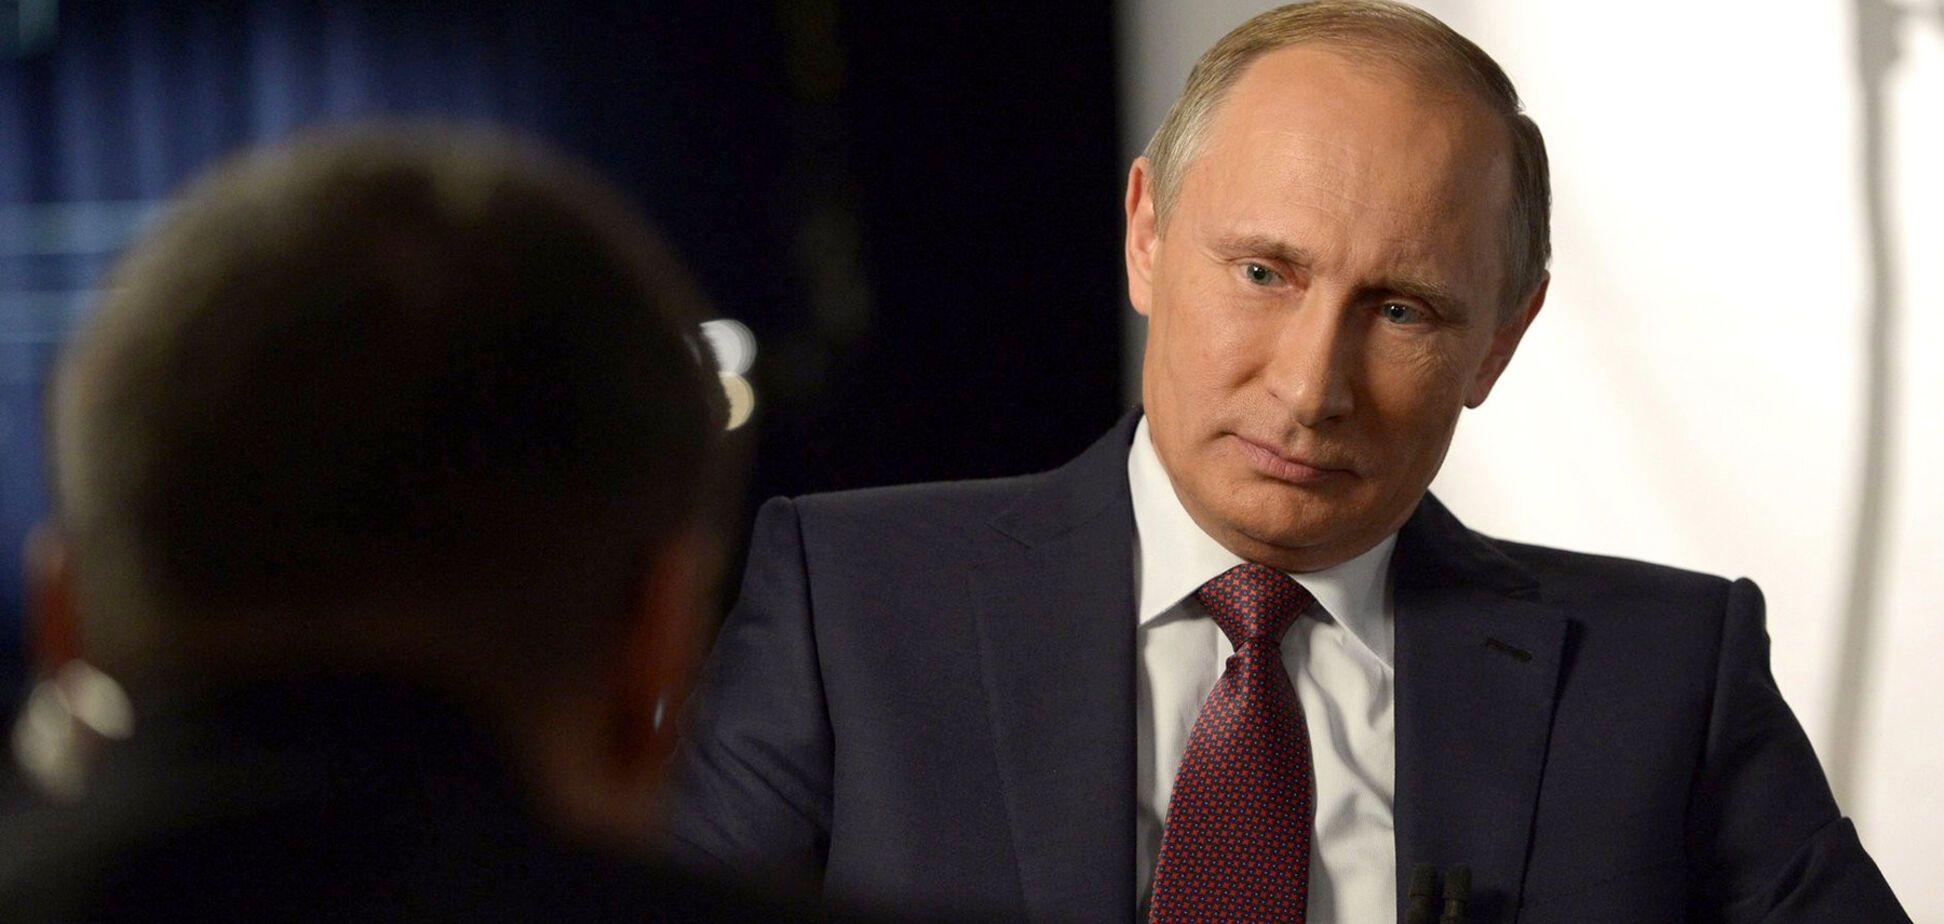 Путін прогнозуємий: Марчук озвучив просту схему поведінки глави Кремля